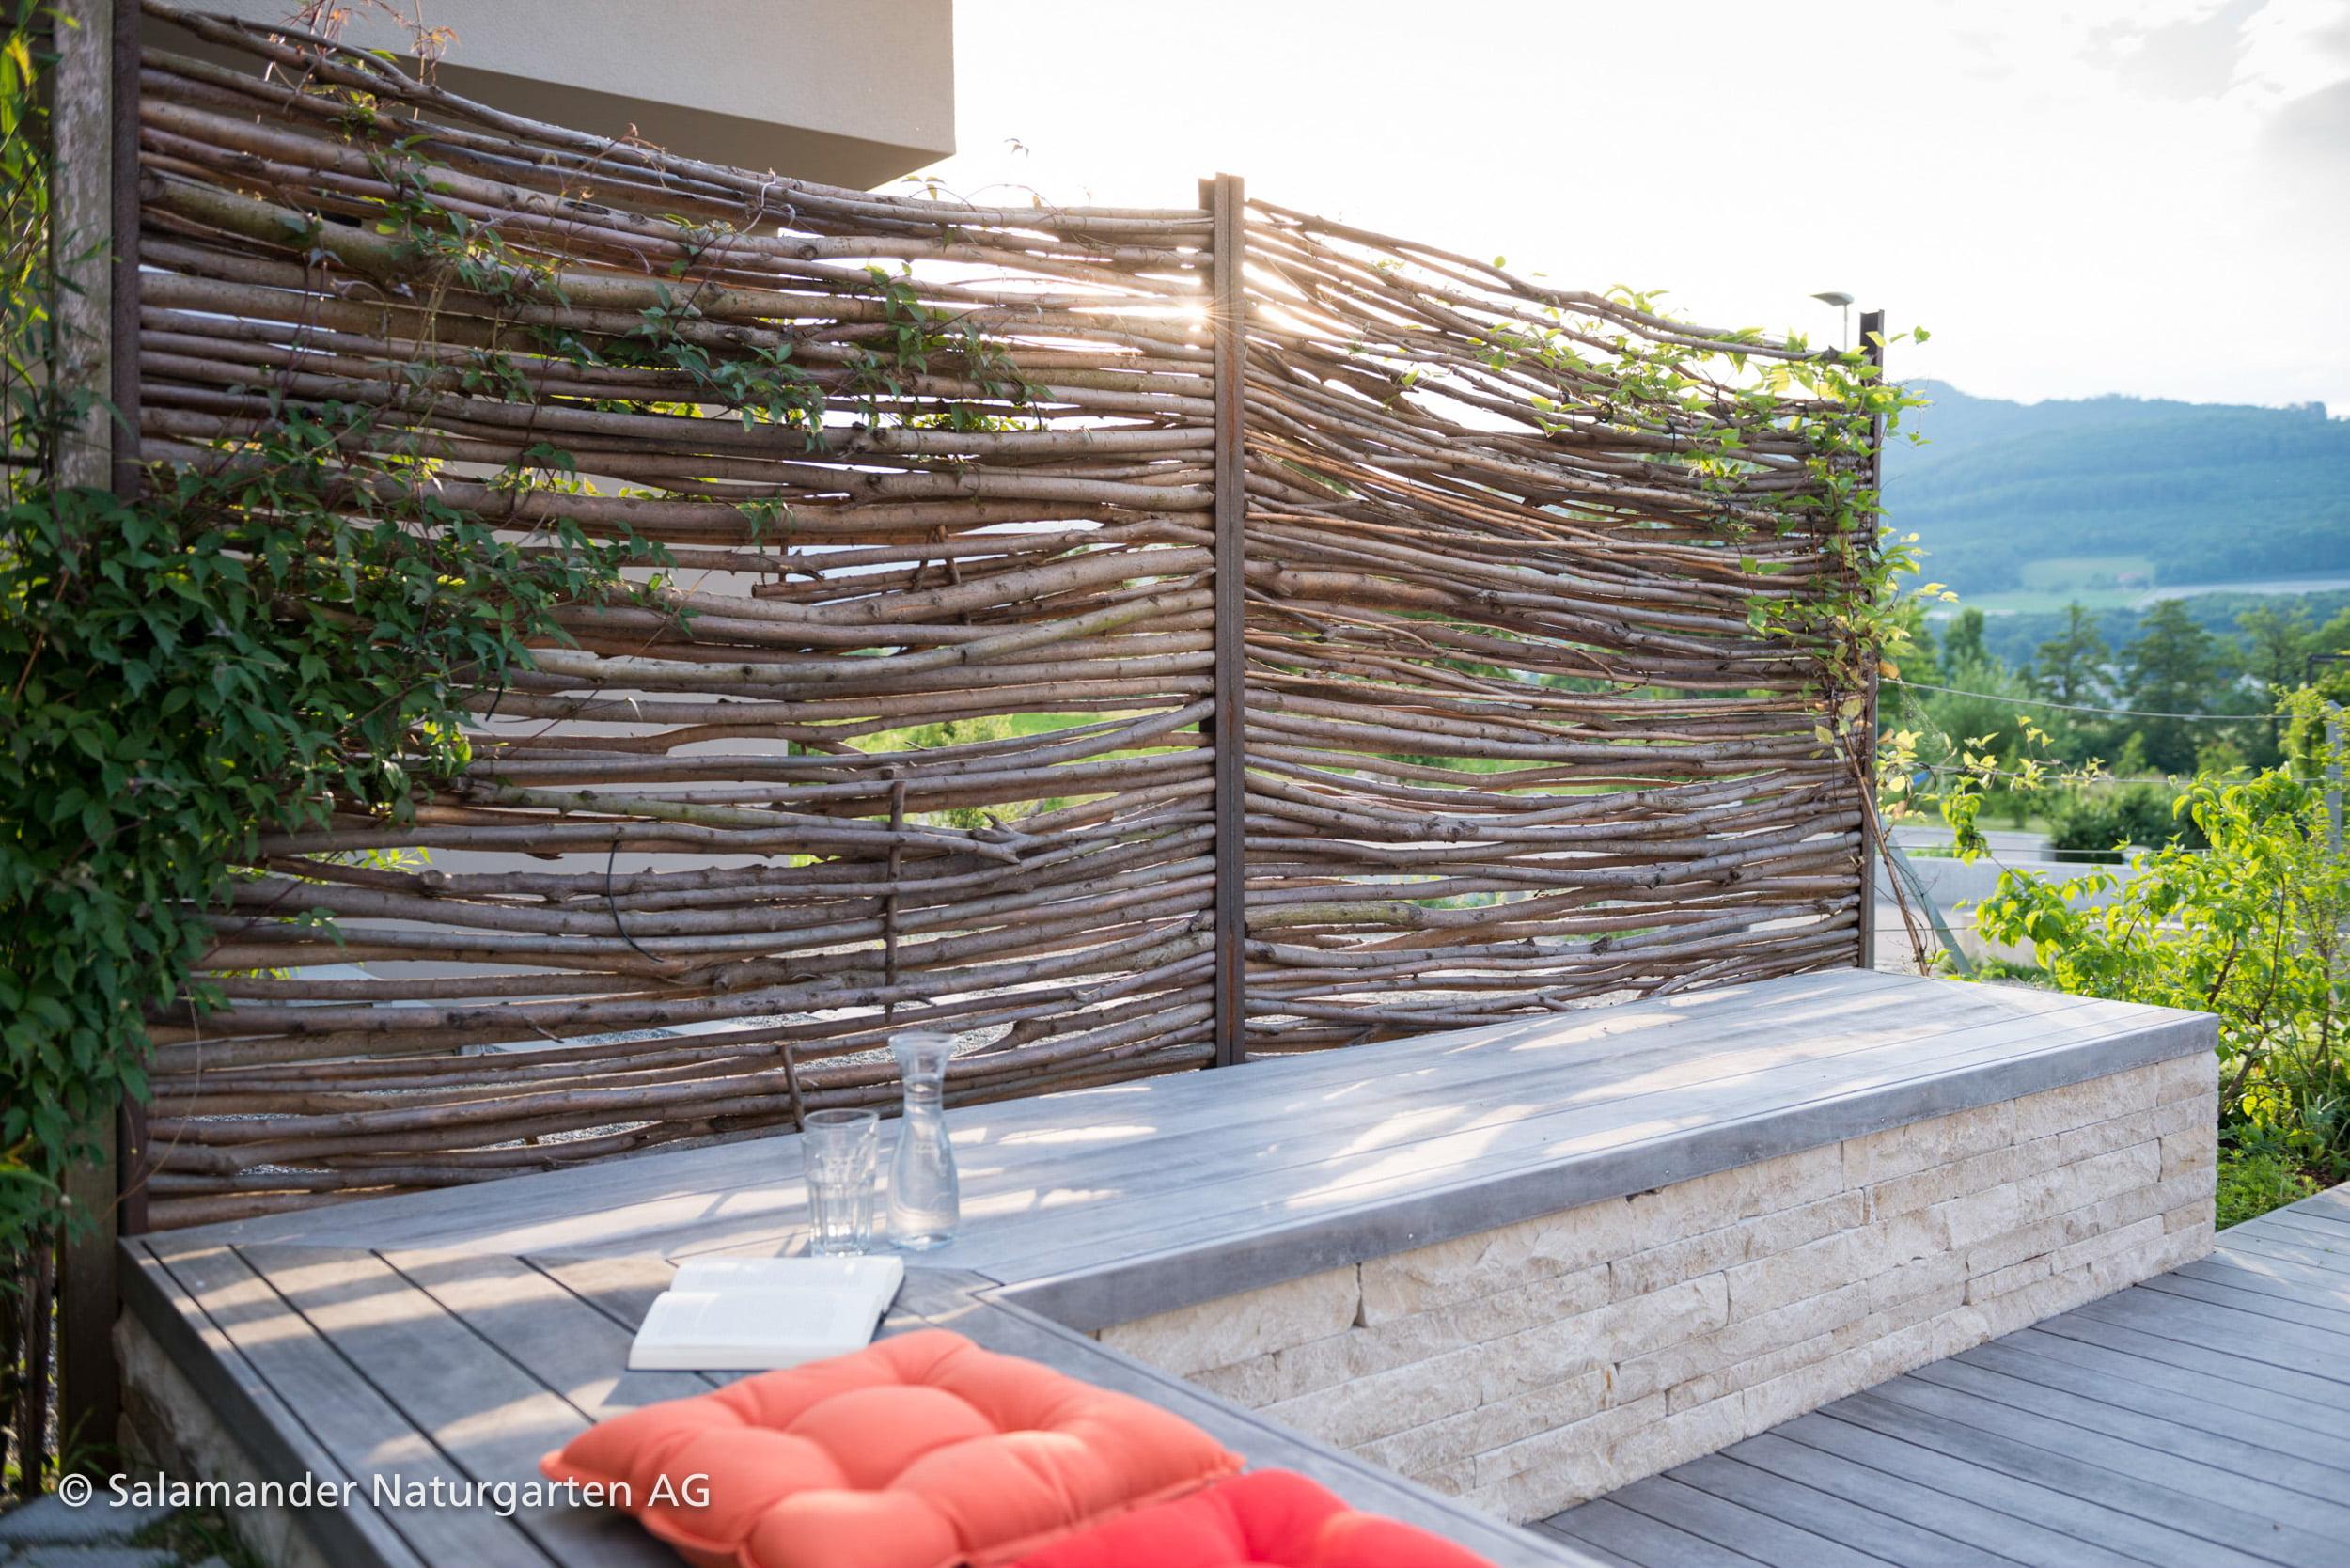 familien schwimmteich kompakt salamander naturgarten ag. Black Bedroom Furniture Sets. Home Design Ideas